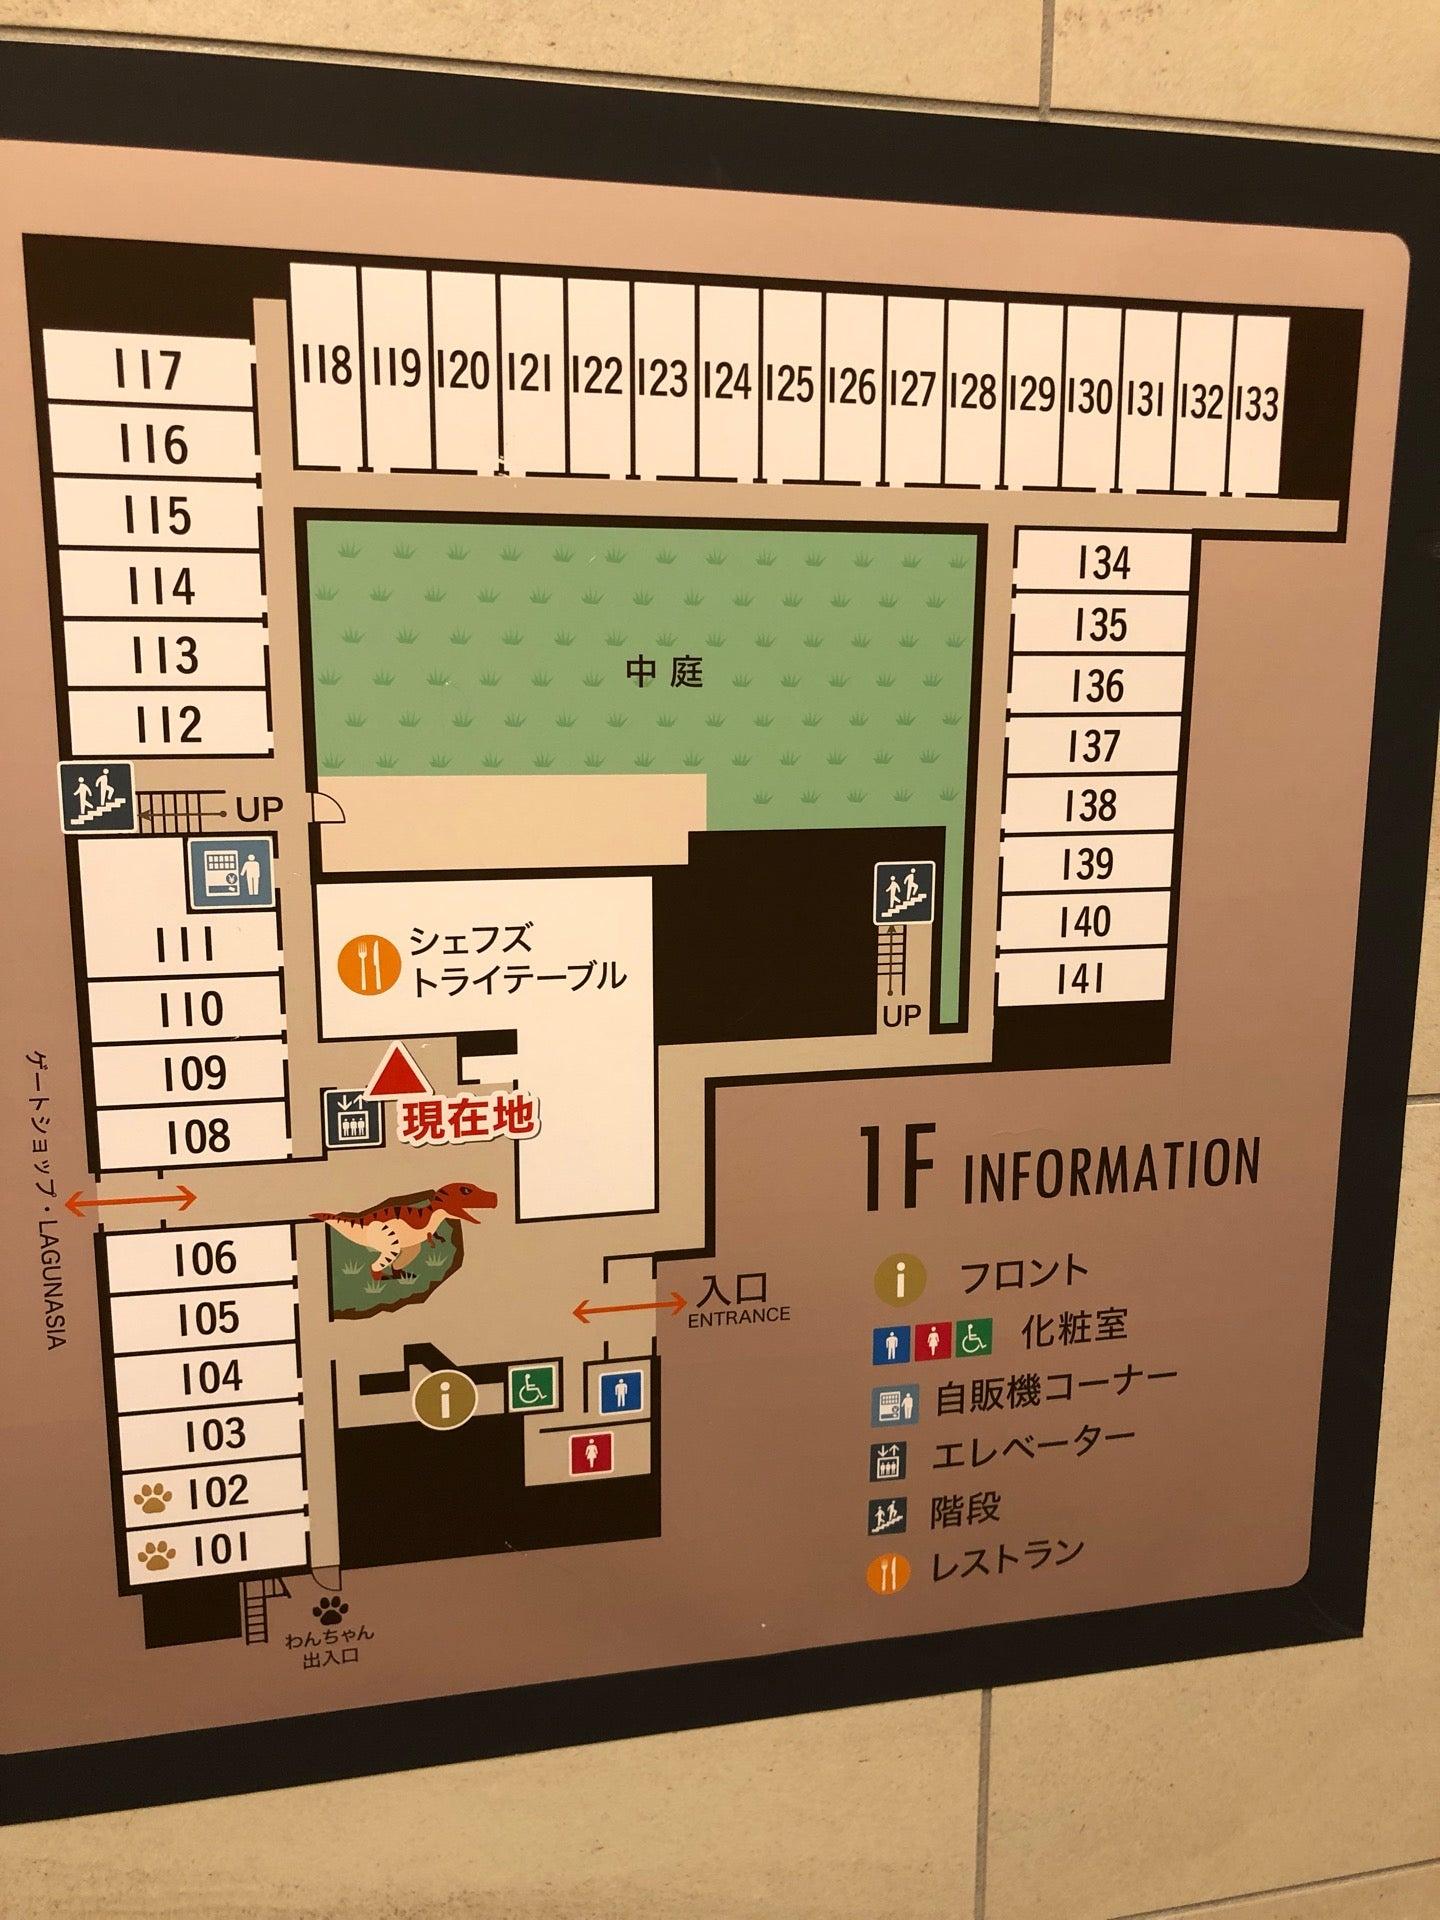 自販機コーナーの場所 (@ 変なホテル ラグーナテンボス in 蒲郡市, 愛知県) https://t.co/dvoWDwcstq https://t.co/QjIW20Rvd6